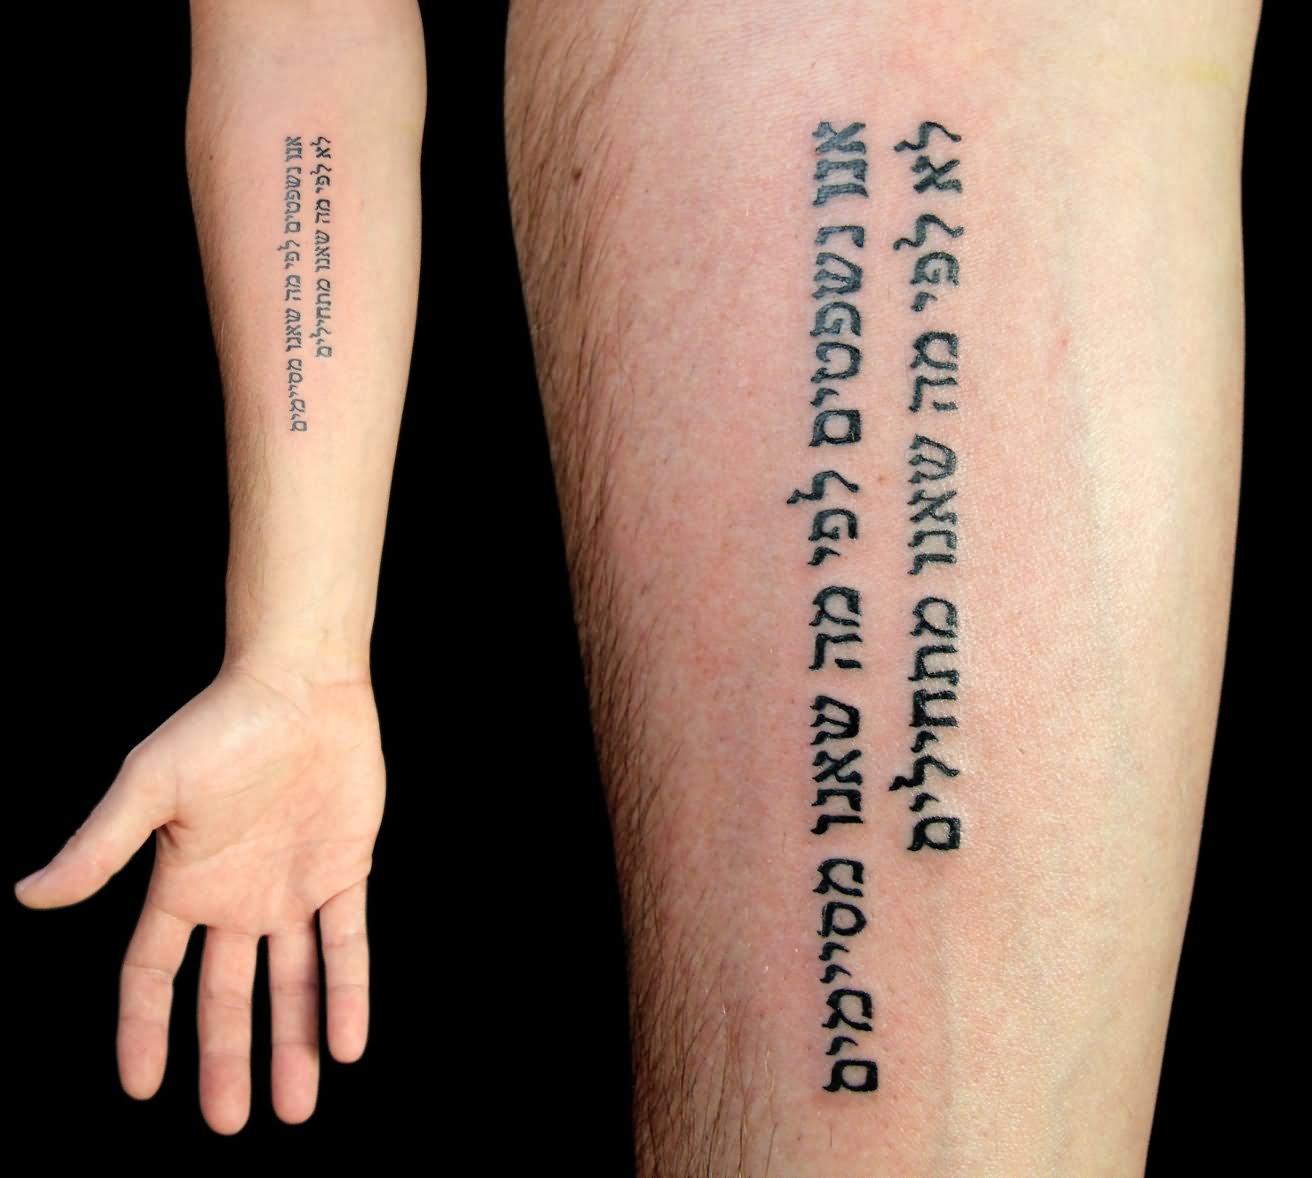 21 hebrew tattoos on arm. Black Bedroom Furniture Sets. Home Design Ideas